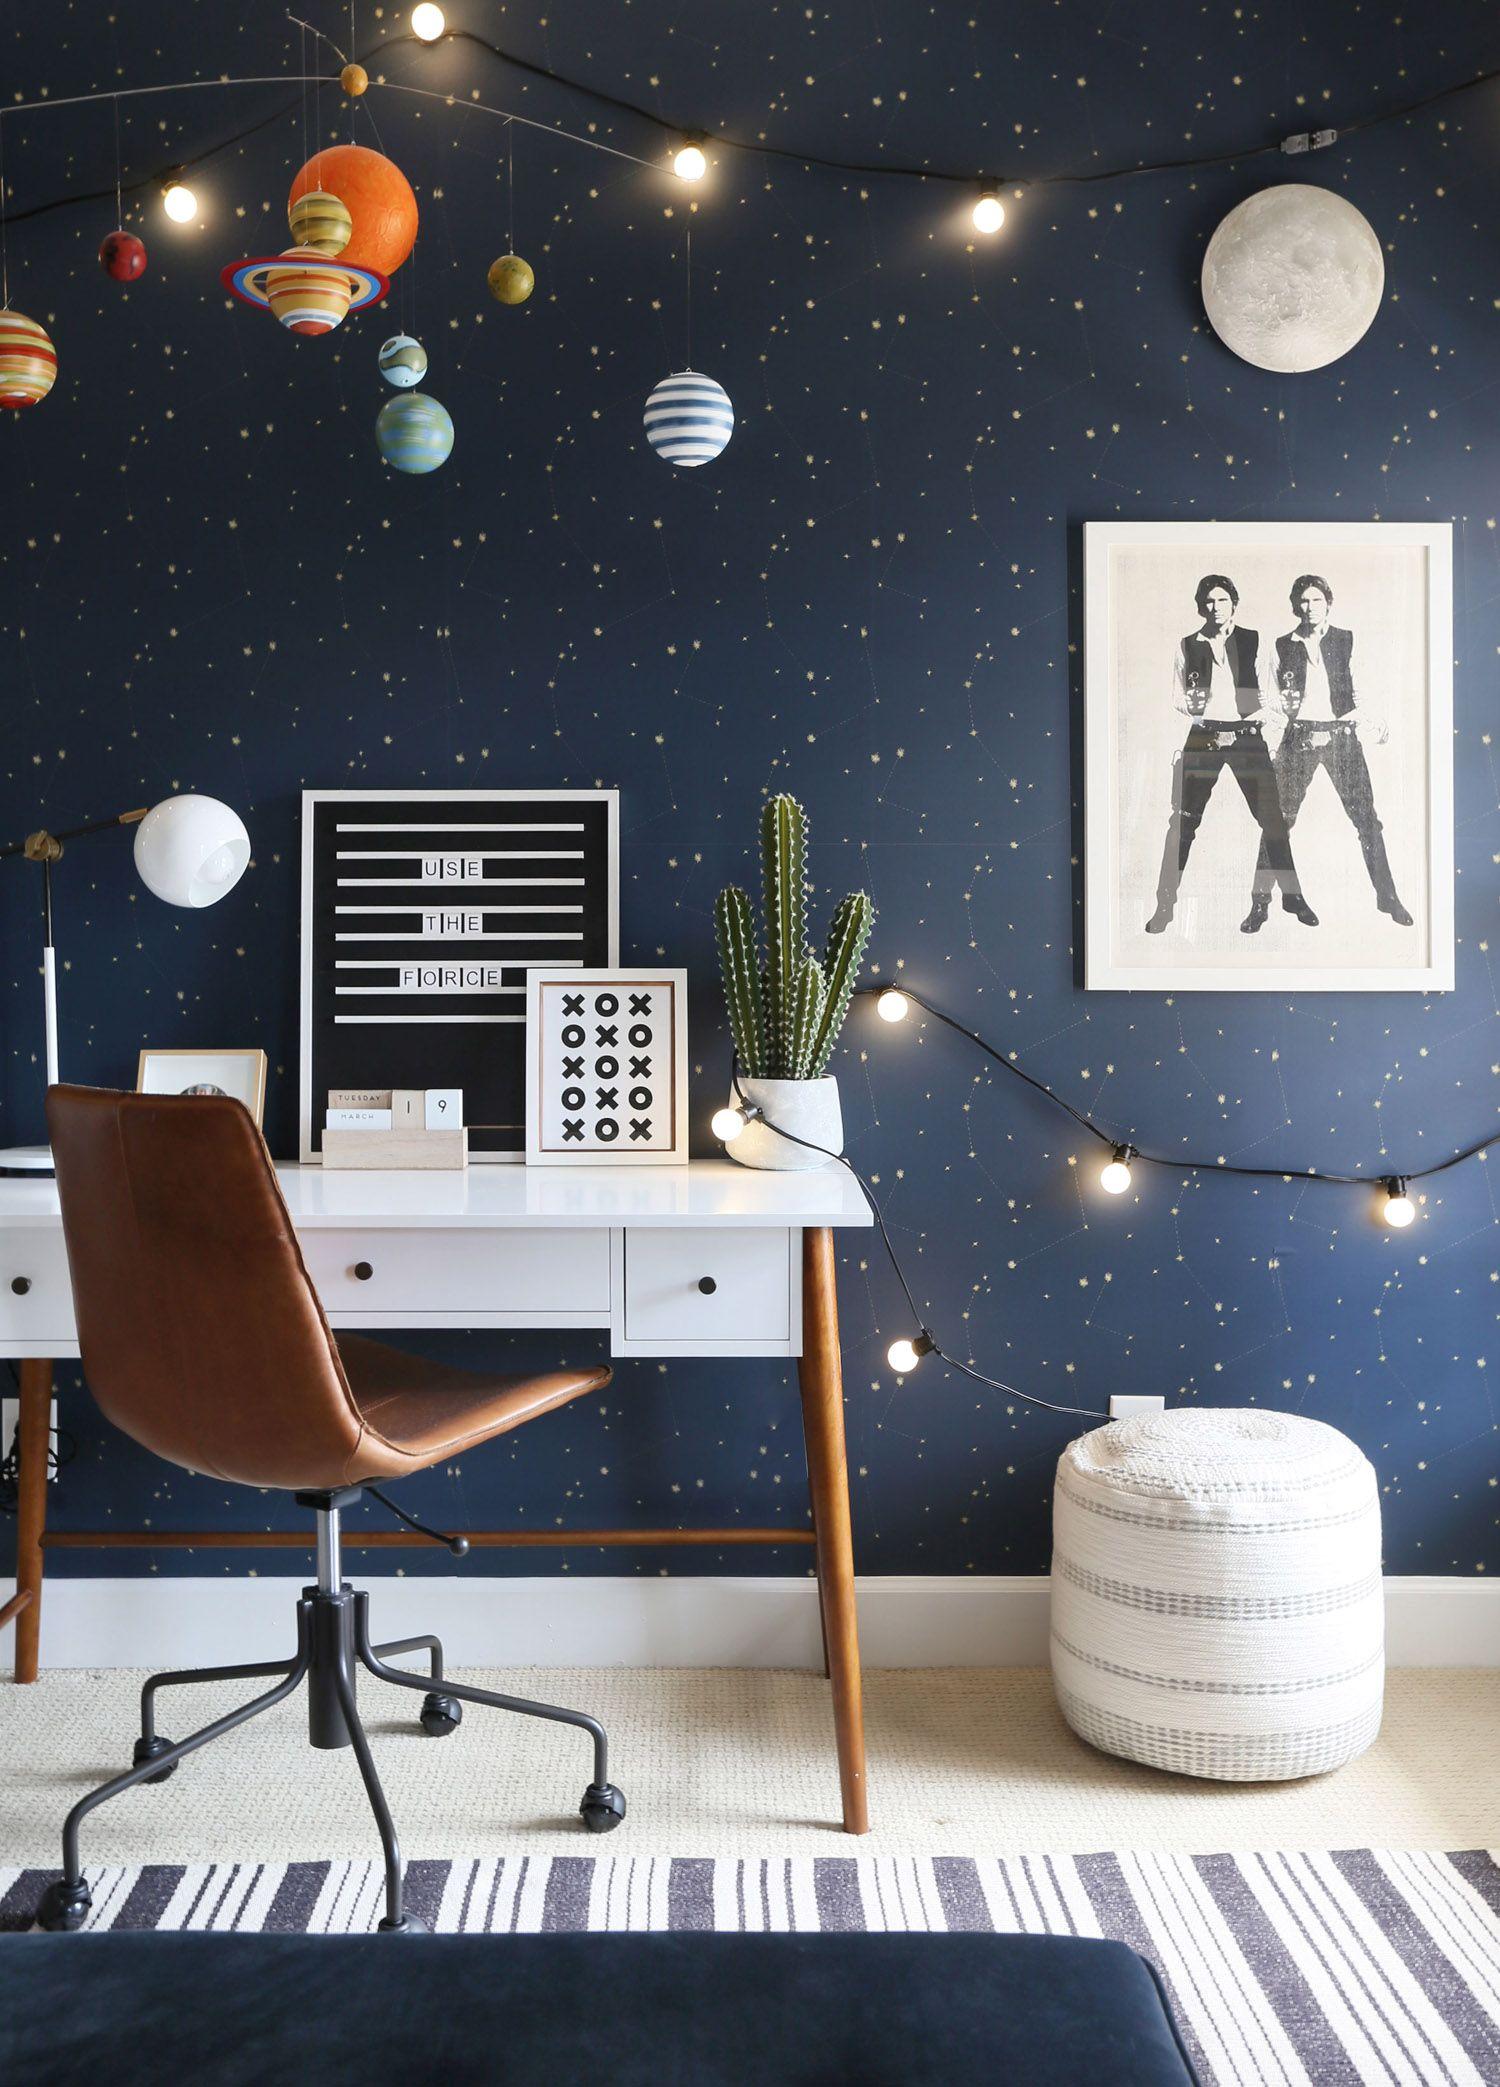 Une Chambre D Enfant Inspiree Par L Espace Decoration Chambre